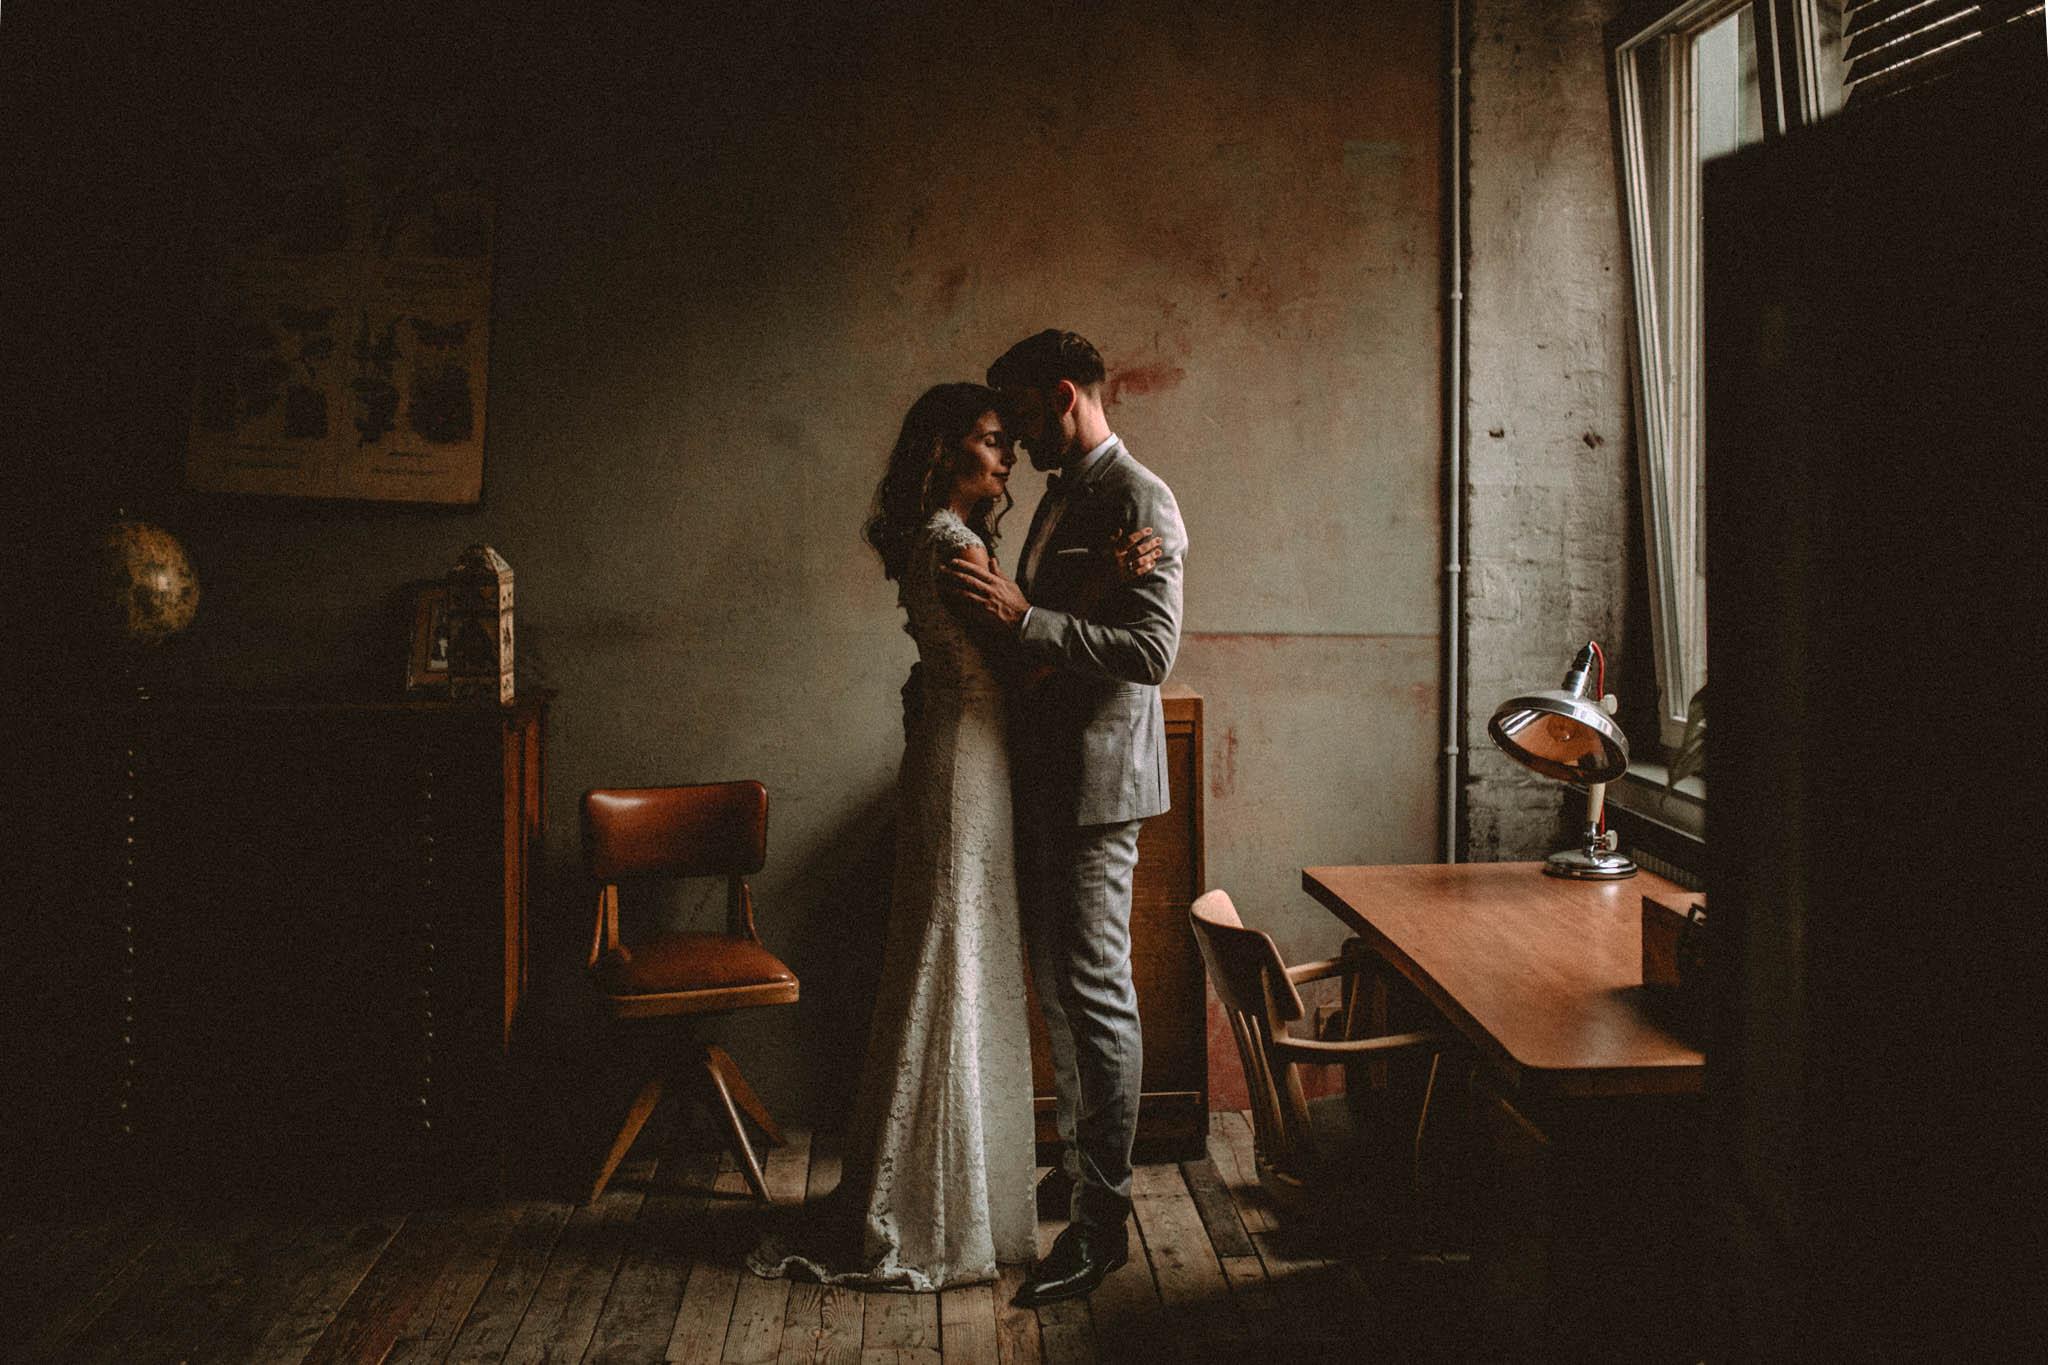 Hochzeit_in_Fabrik23_nhow_7850